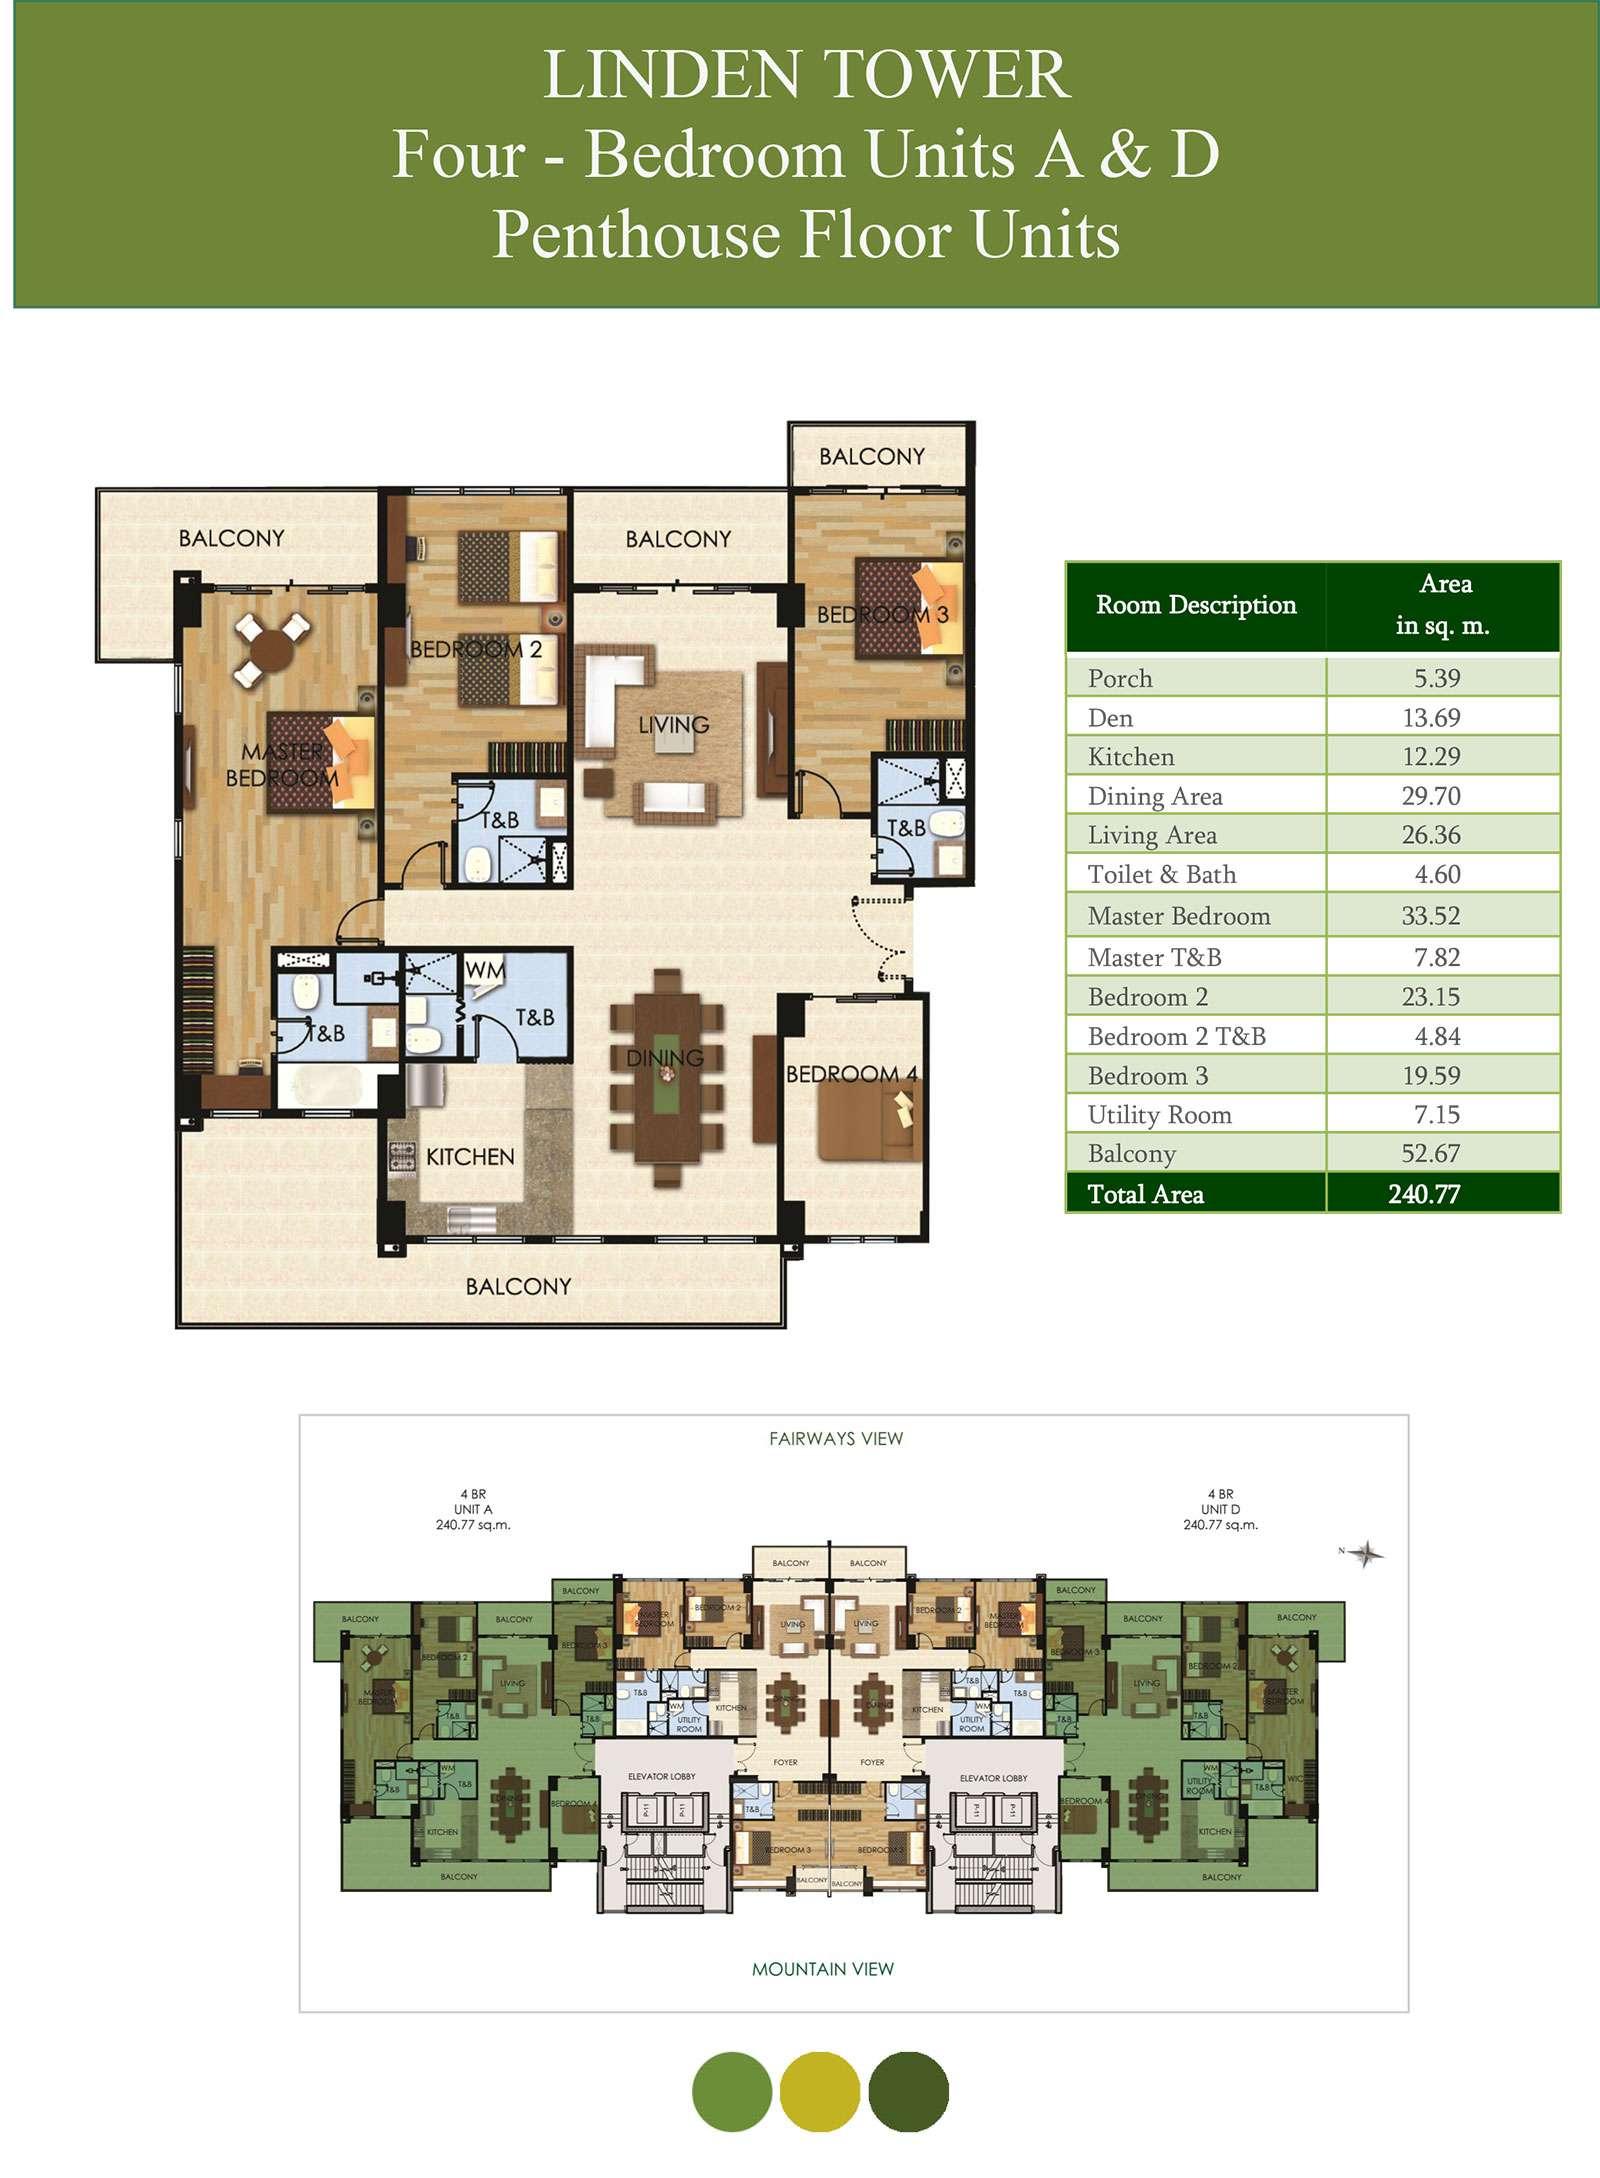 4 Bedroom Units A & D